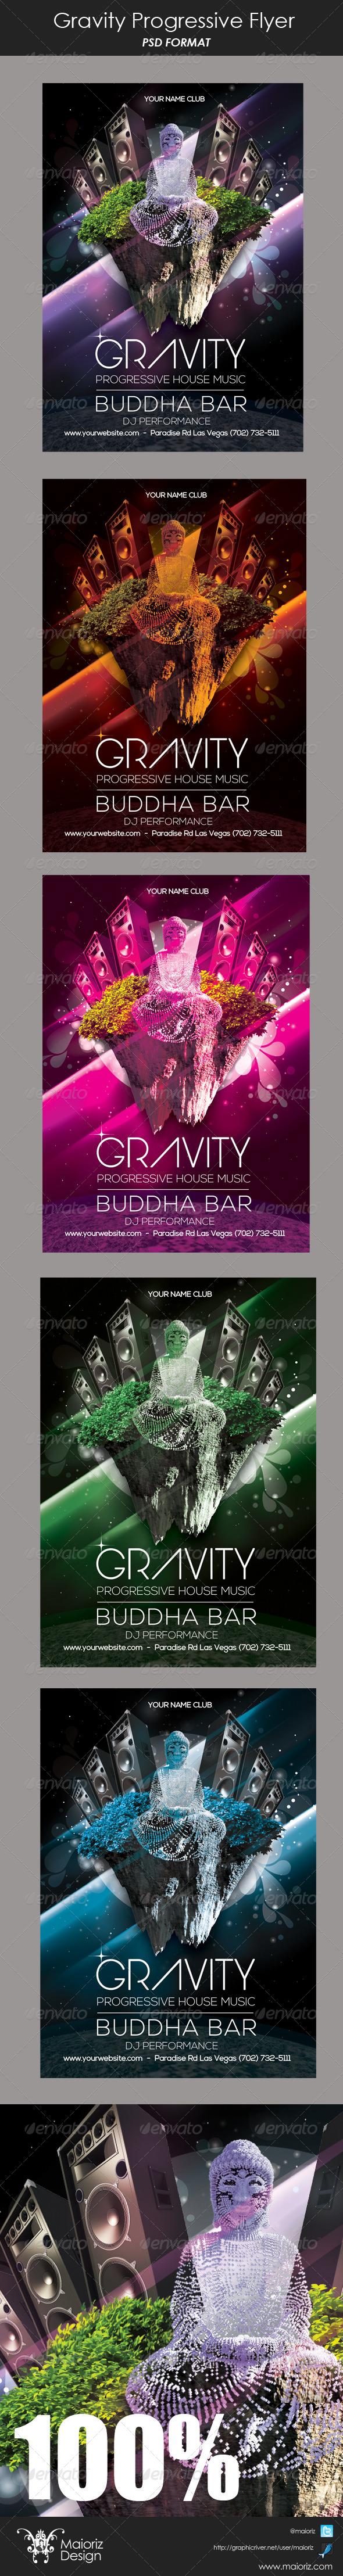 GraphicRiver Gravity Pregressive Flyer 6158084